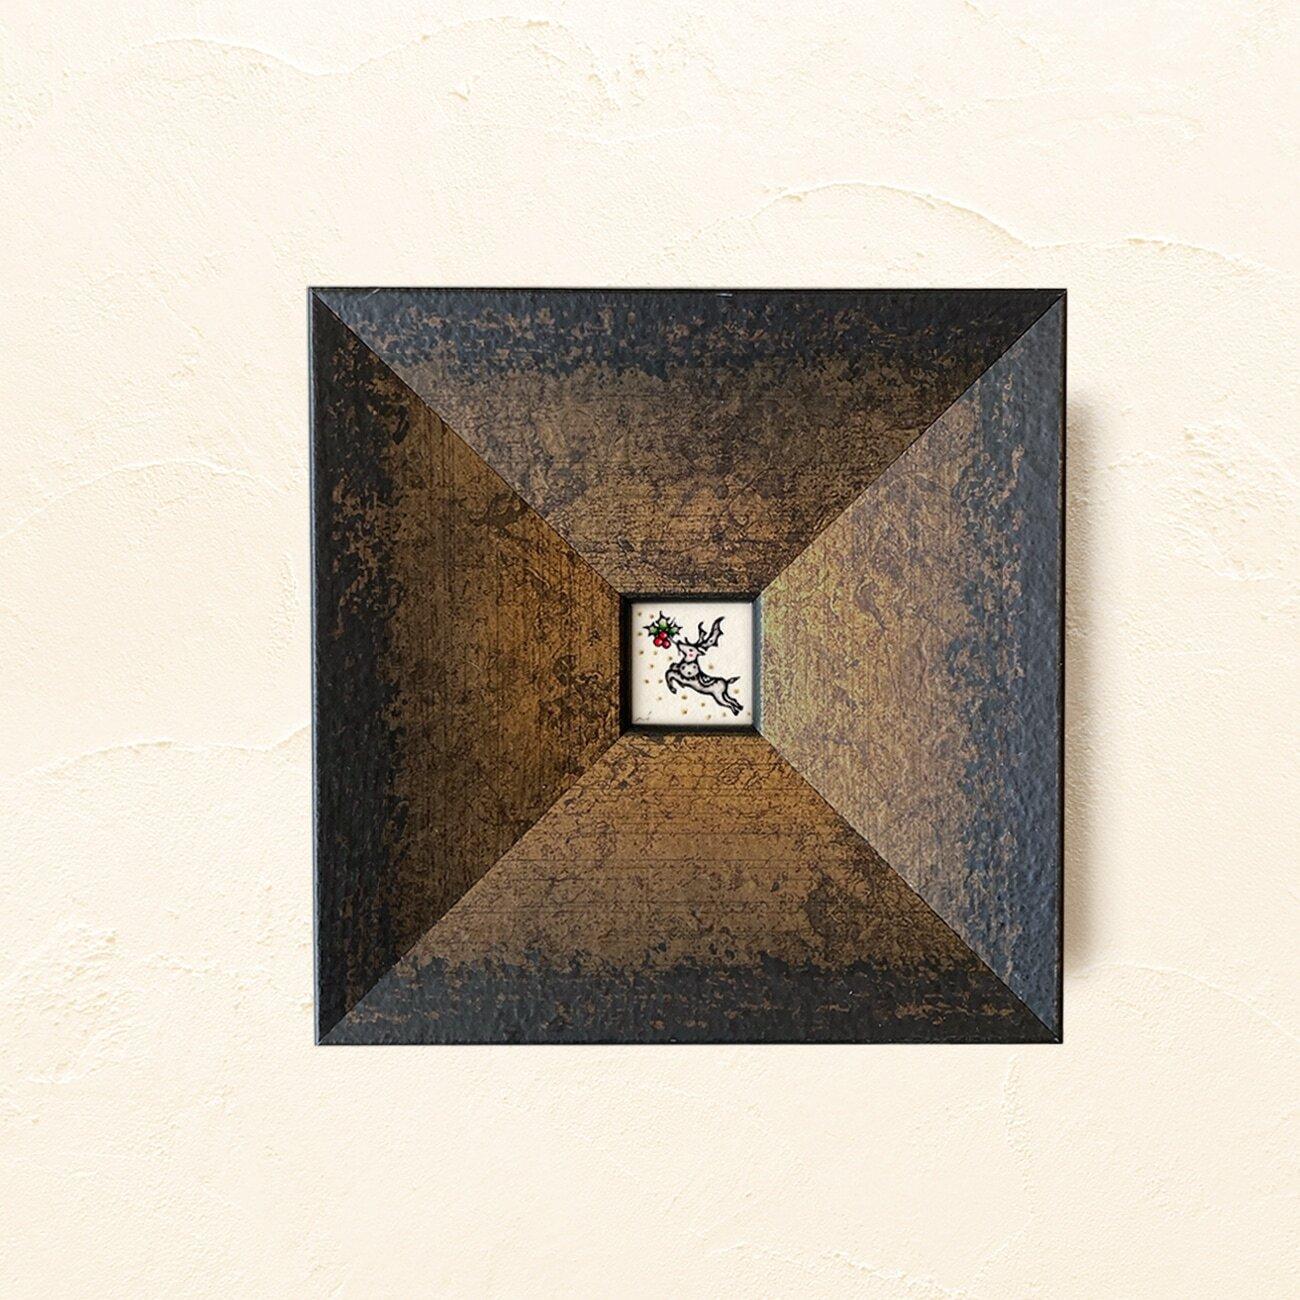 ミニ額縁 原画【 白銀の世界に、紅を点す 】ブラックxゴールド・ブラックxシルバー frame